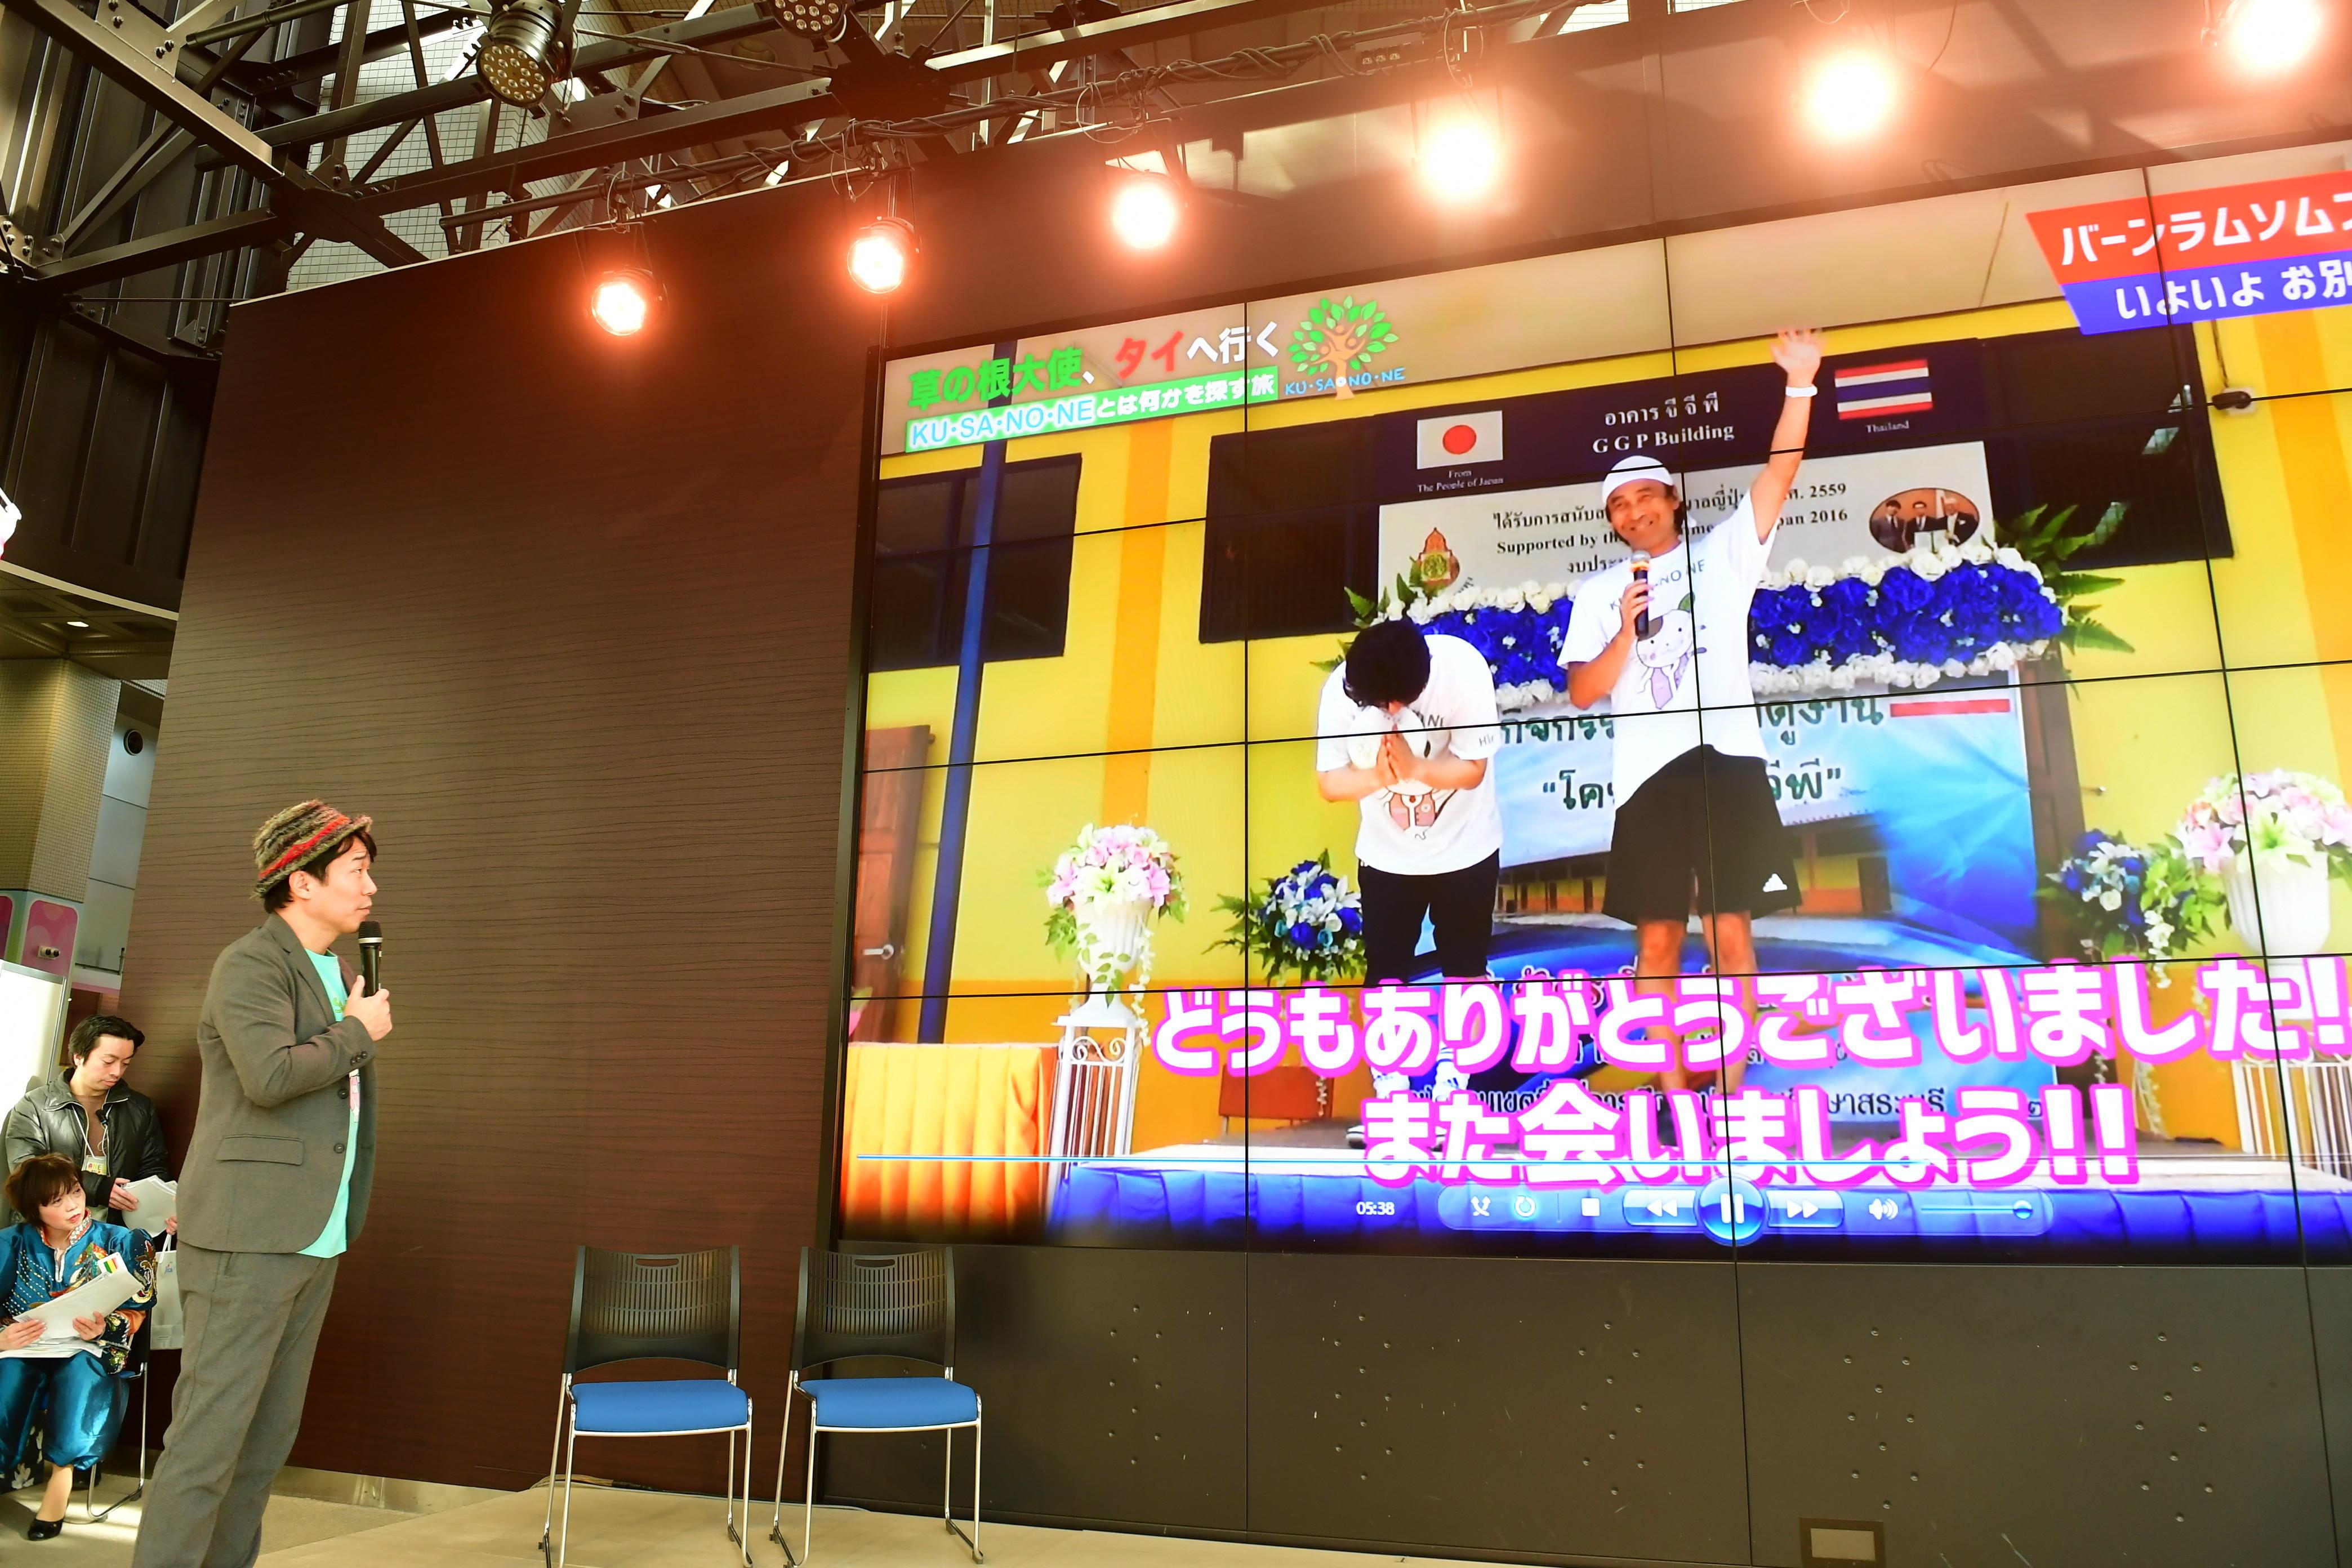 http://news.yoshimoto.co.jp/20190203131404-59e66dc3c6cbcc602c7c52fe353424354b1d84bf.jpg